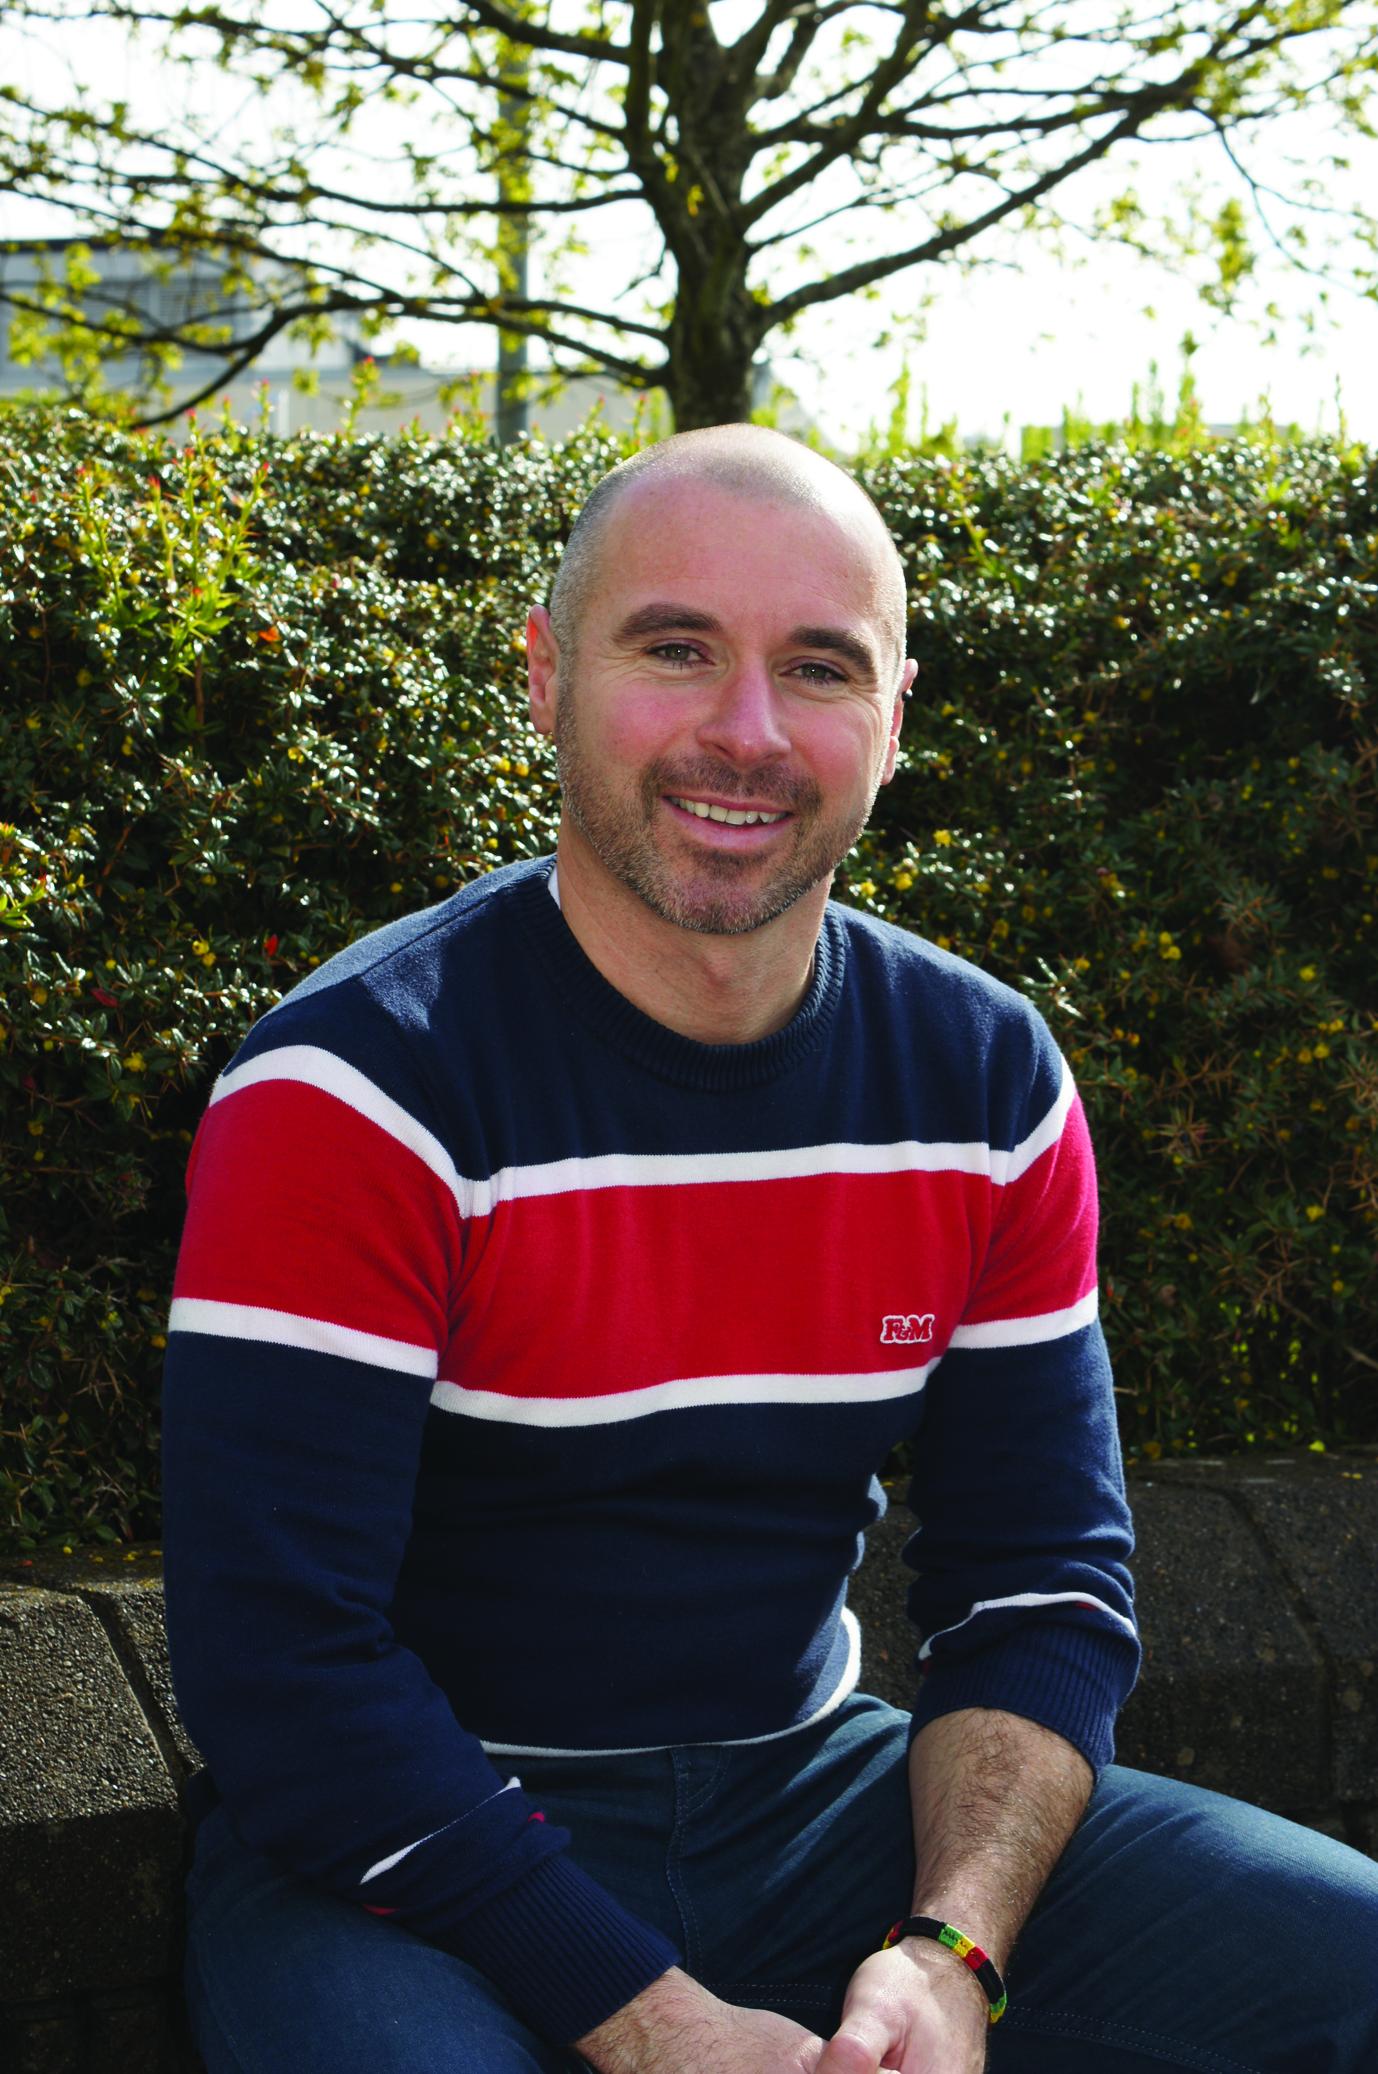 Junior Keoghan, BA (Hons) in Health Promotion (WD124)